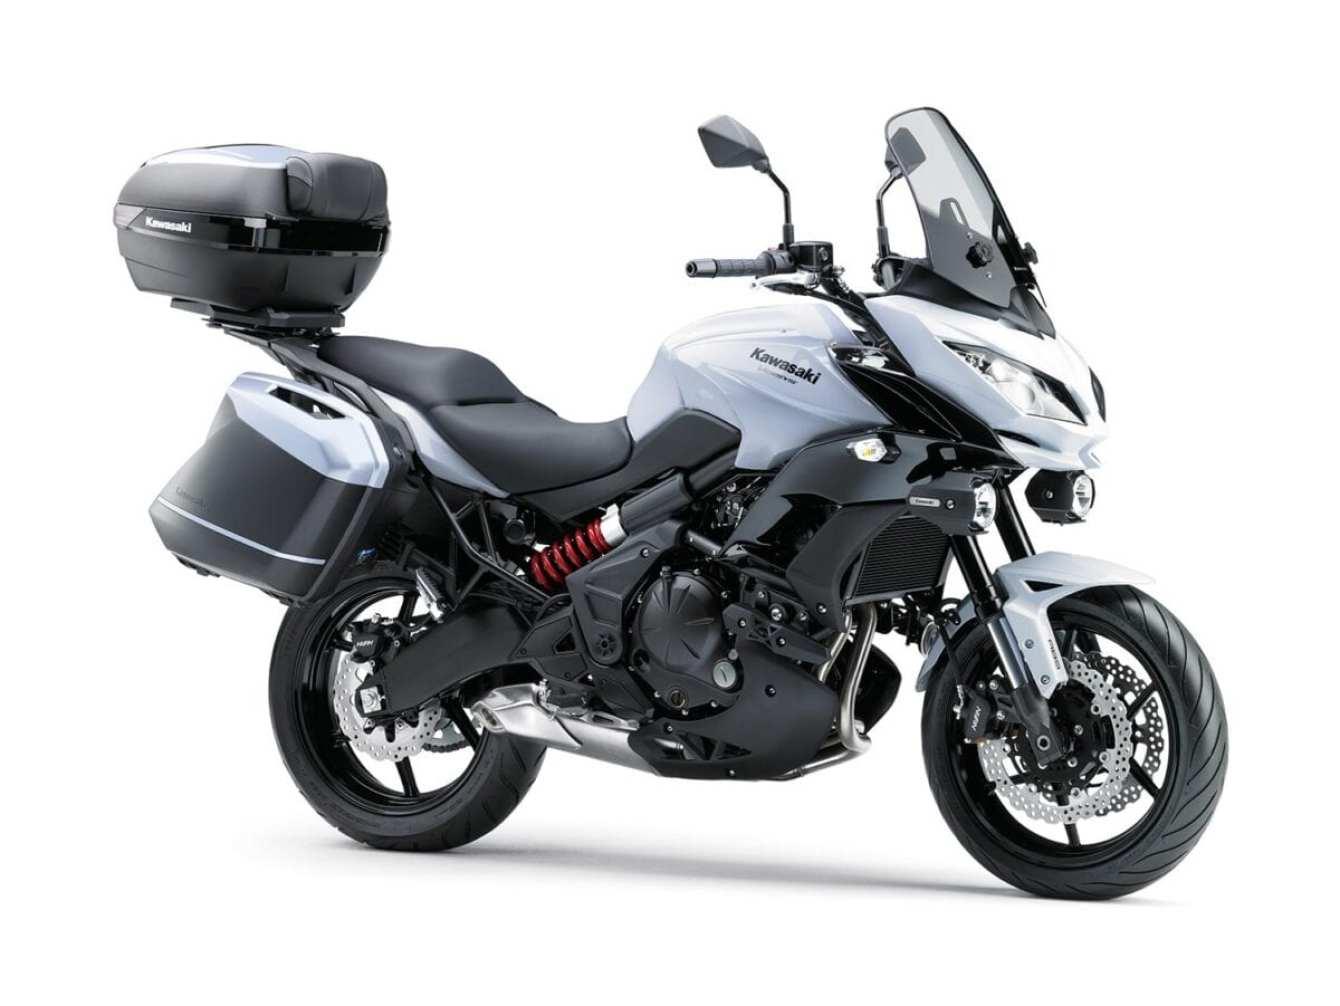 Kawasaki-Versys-650-0008